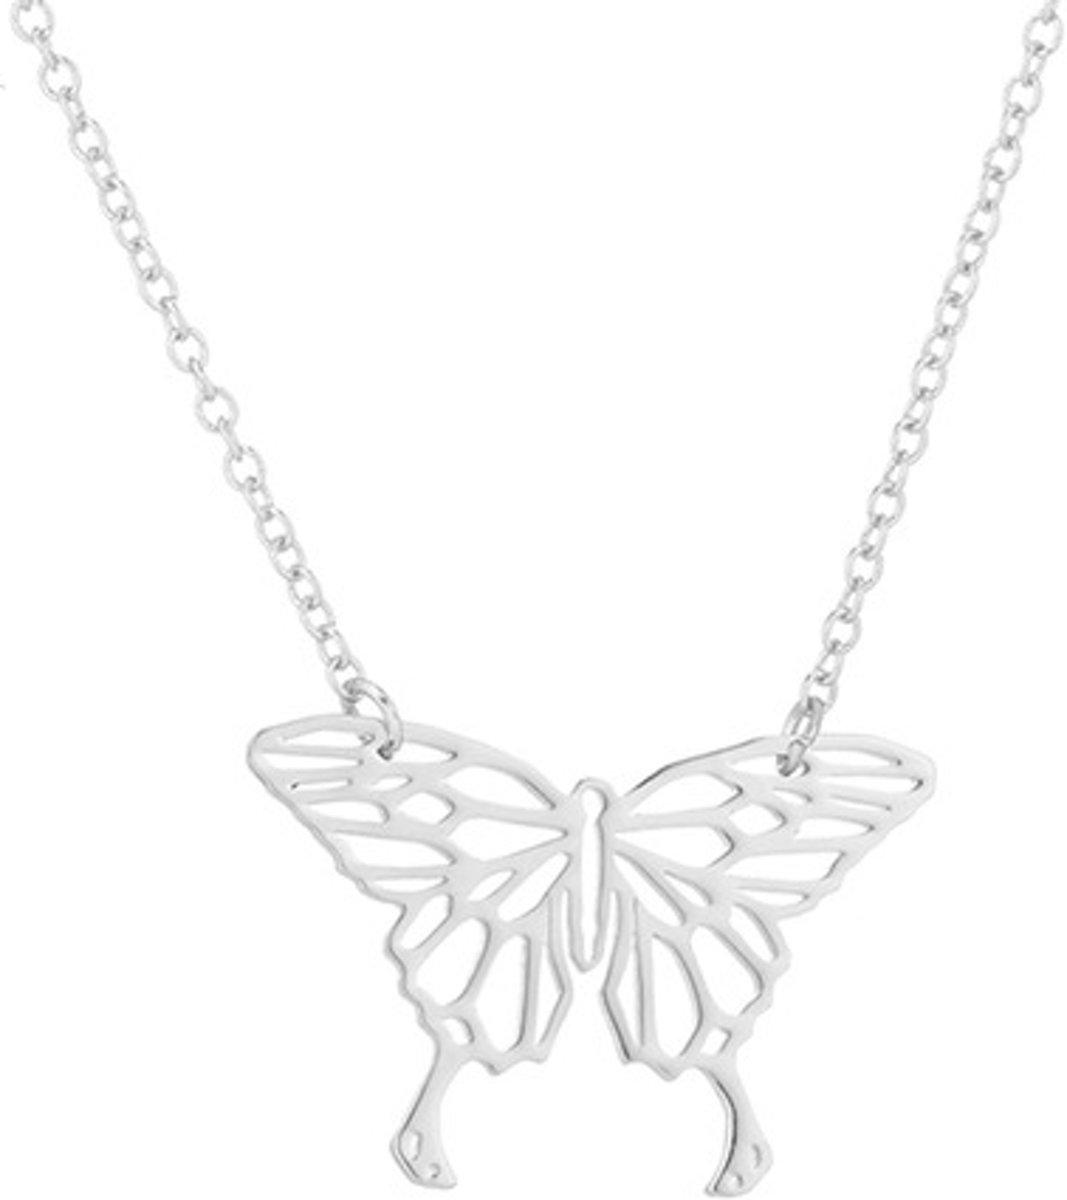 24/7 Jewelry Collection Origami Vlinder Ketting - Zilverkleurig kopen